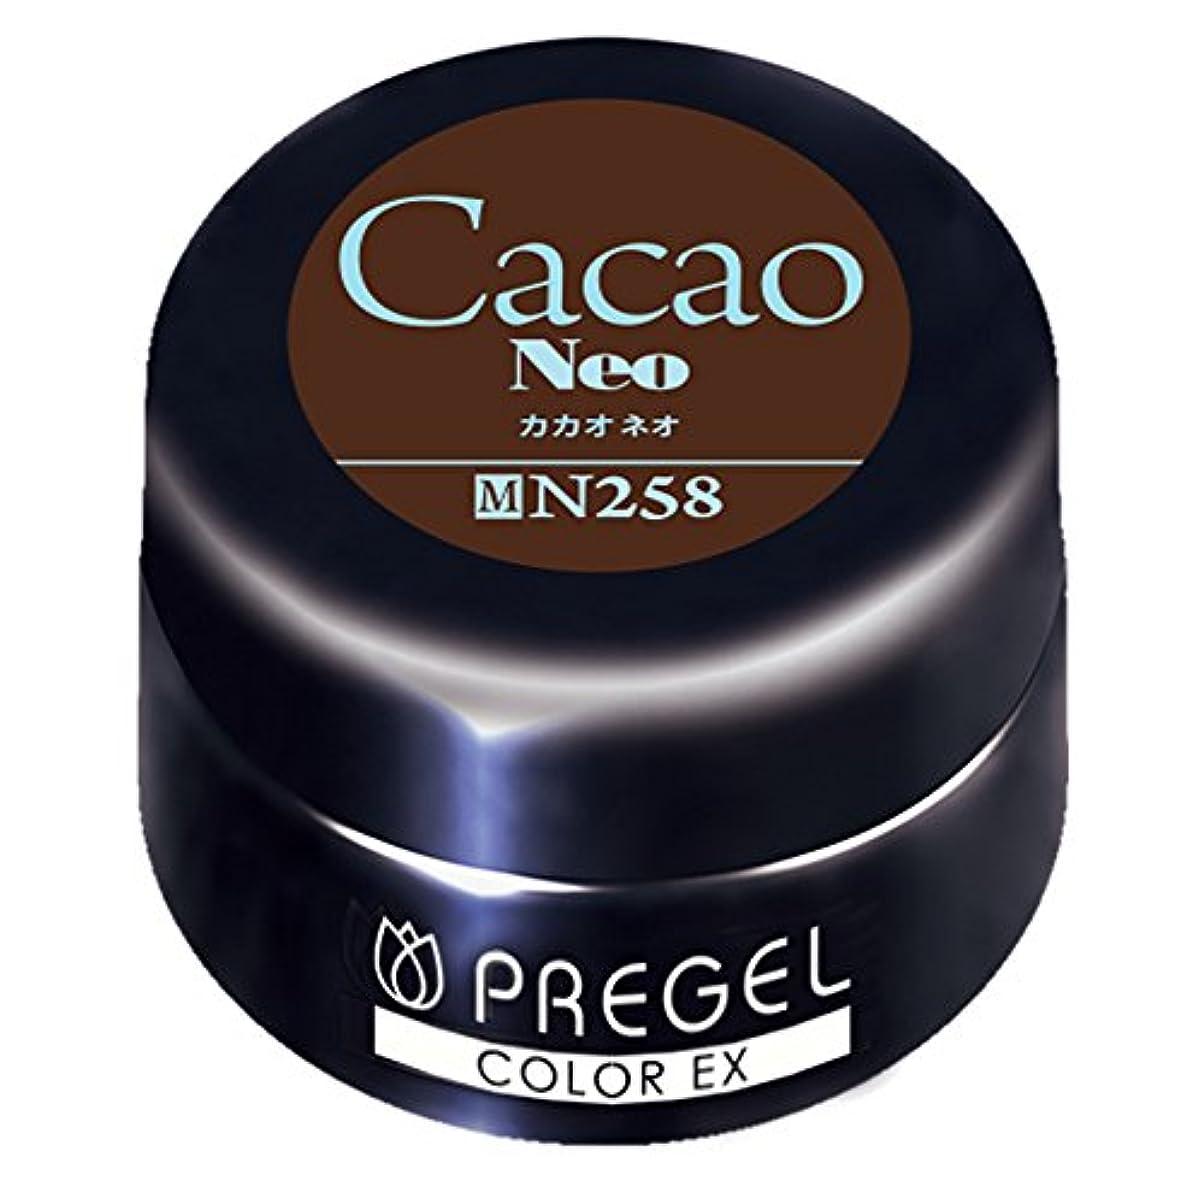 驚くばかりしたい尋ねるPRE GEL カラーEX カカオneo 258 4g UV/LED対応